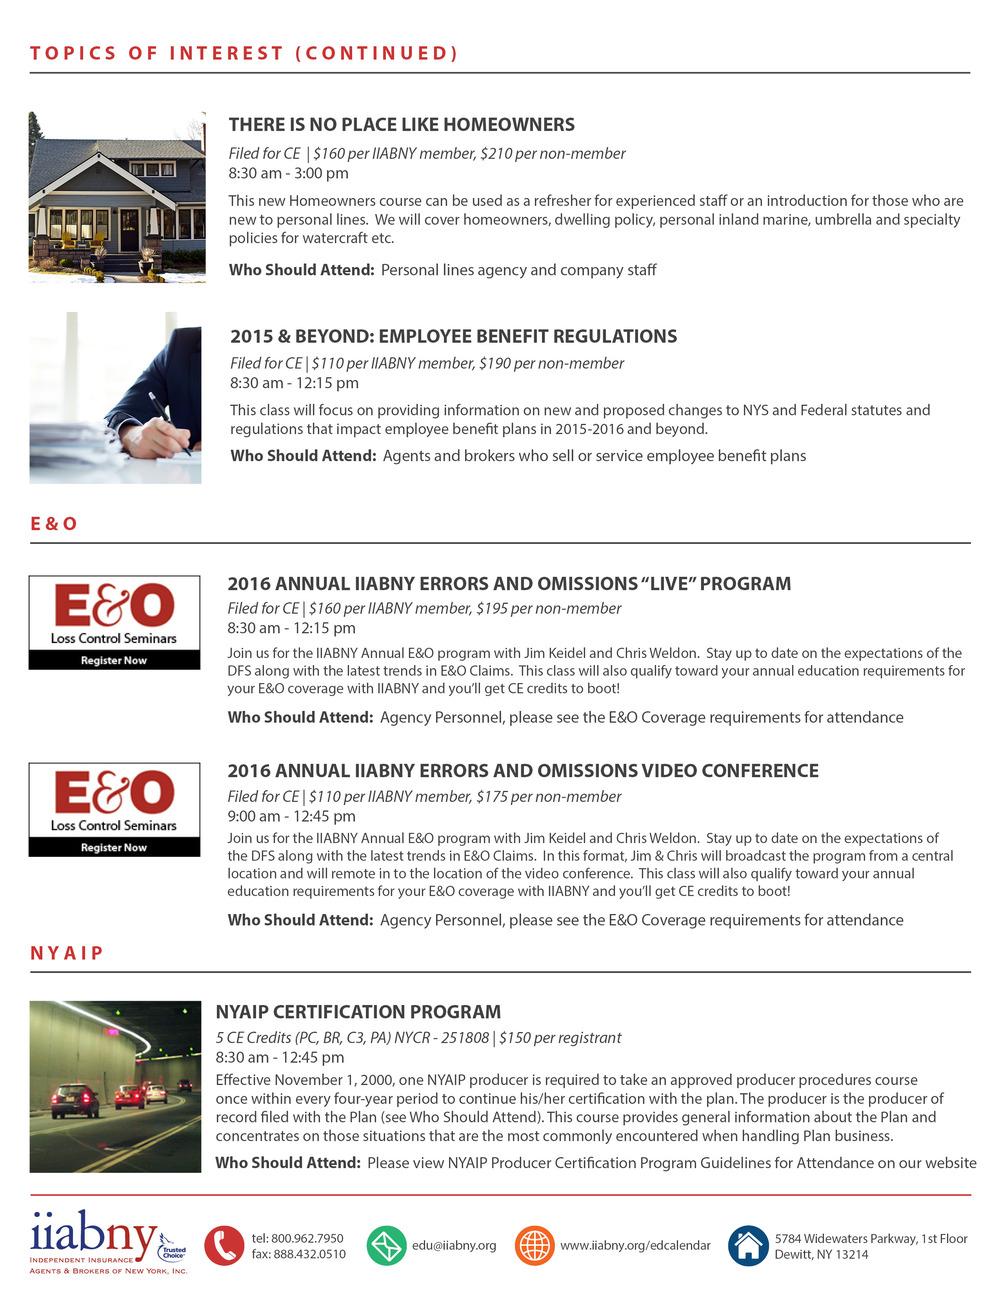 Ed_Catalogue2.jpg